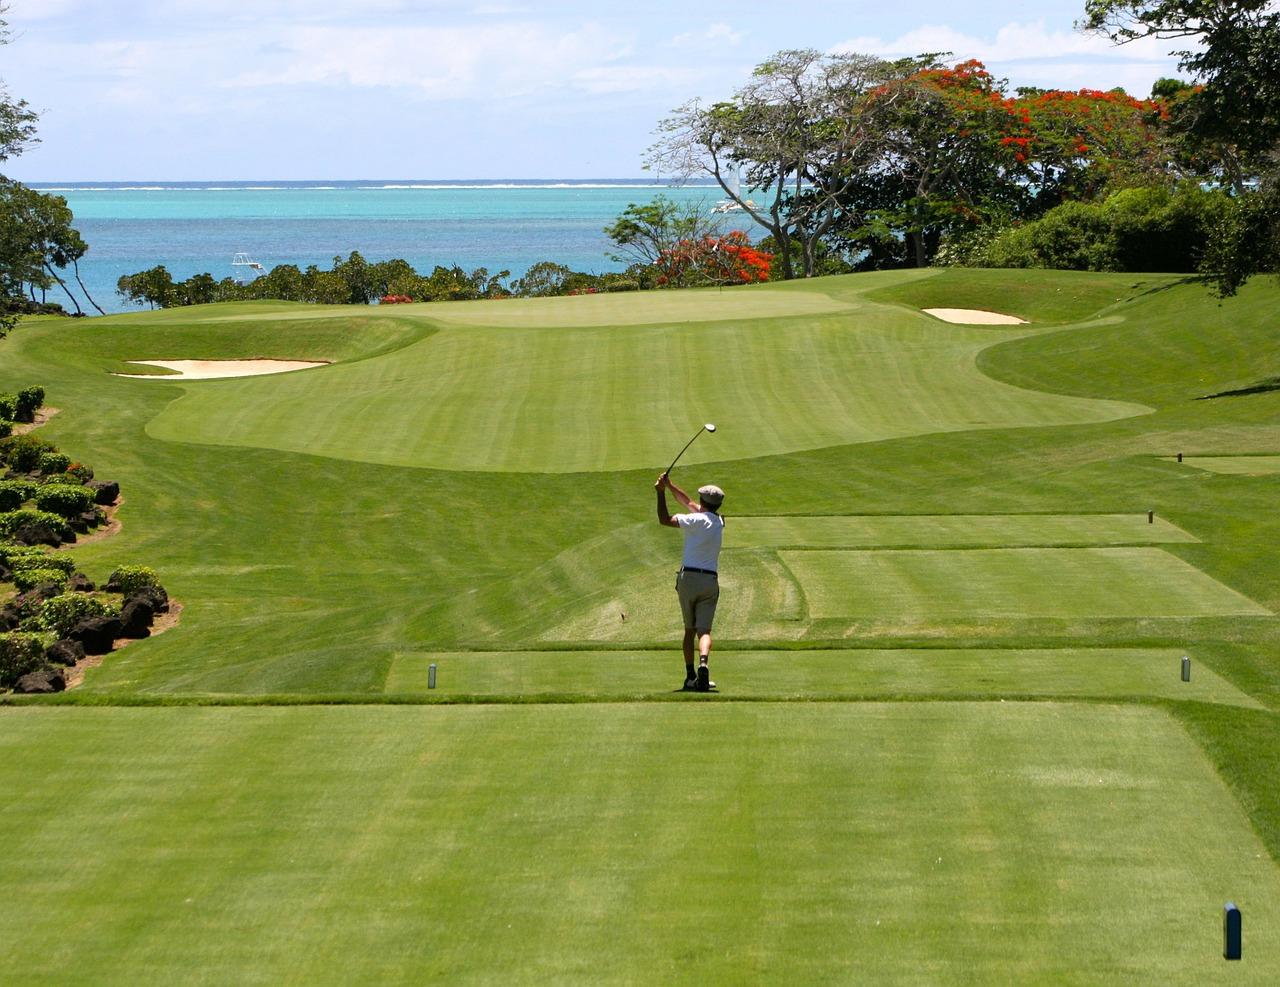 ゴルフコースとゴルファー